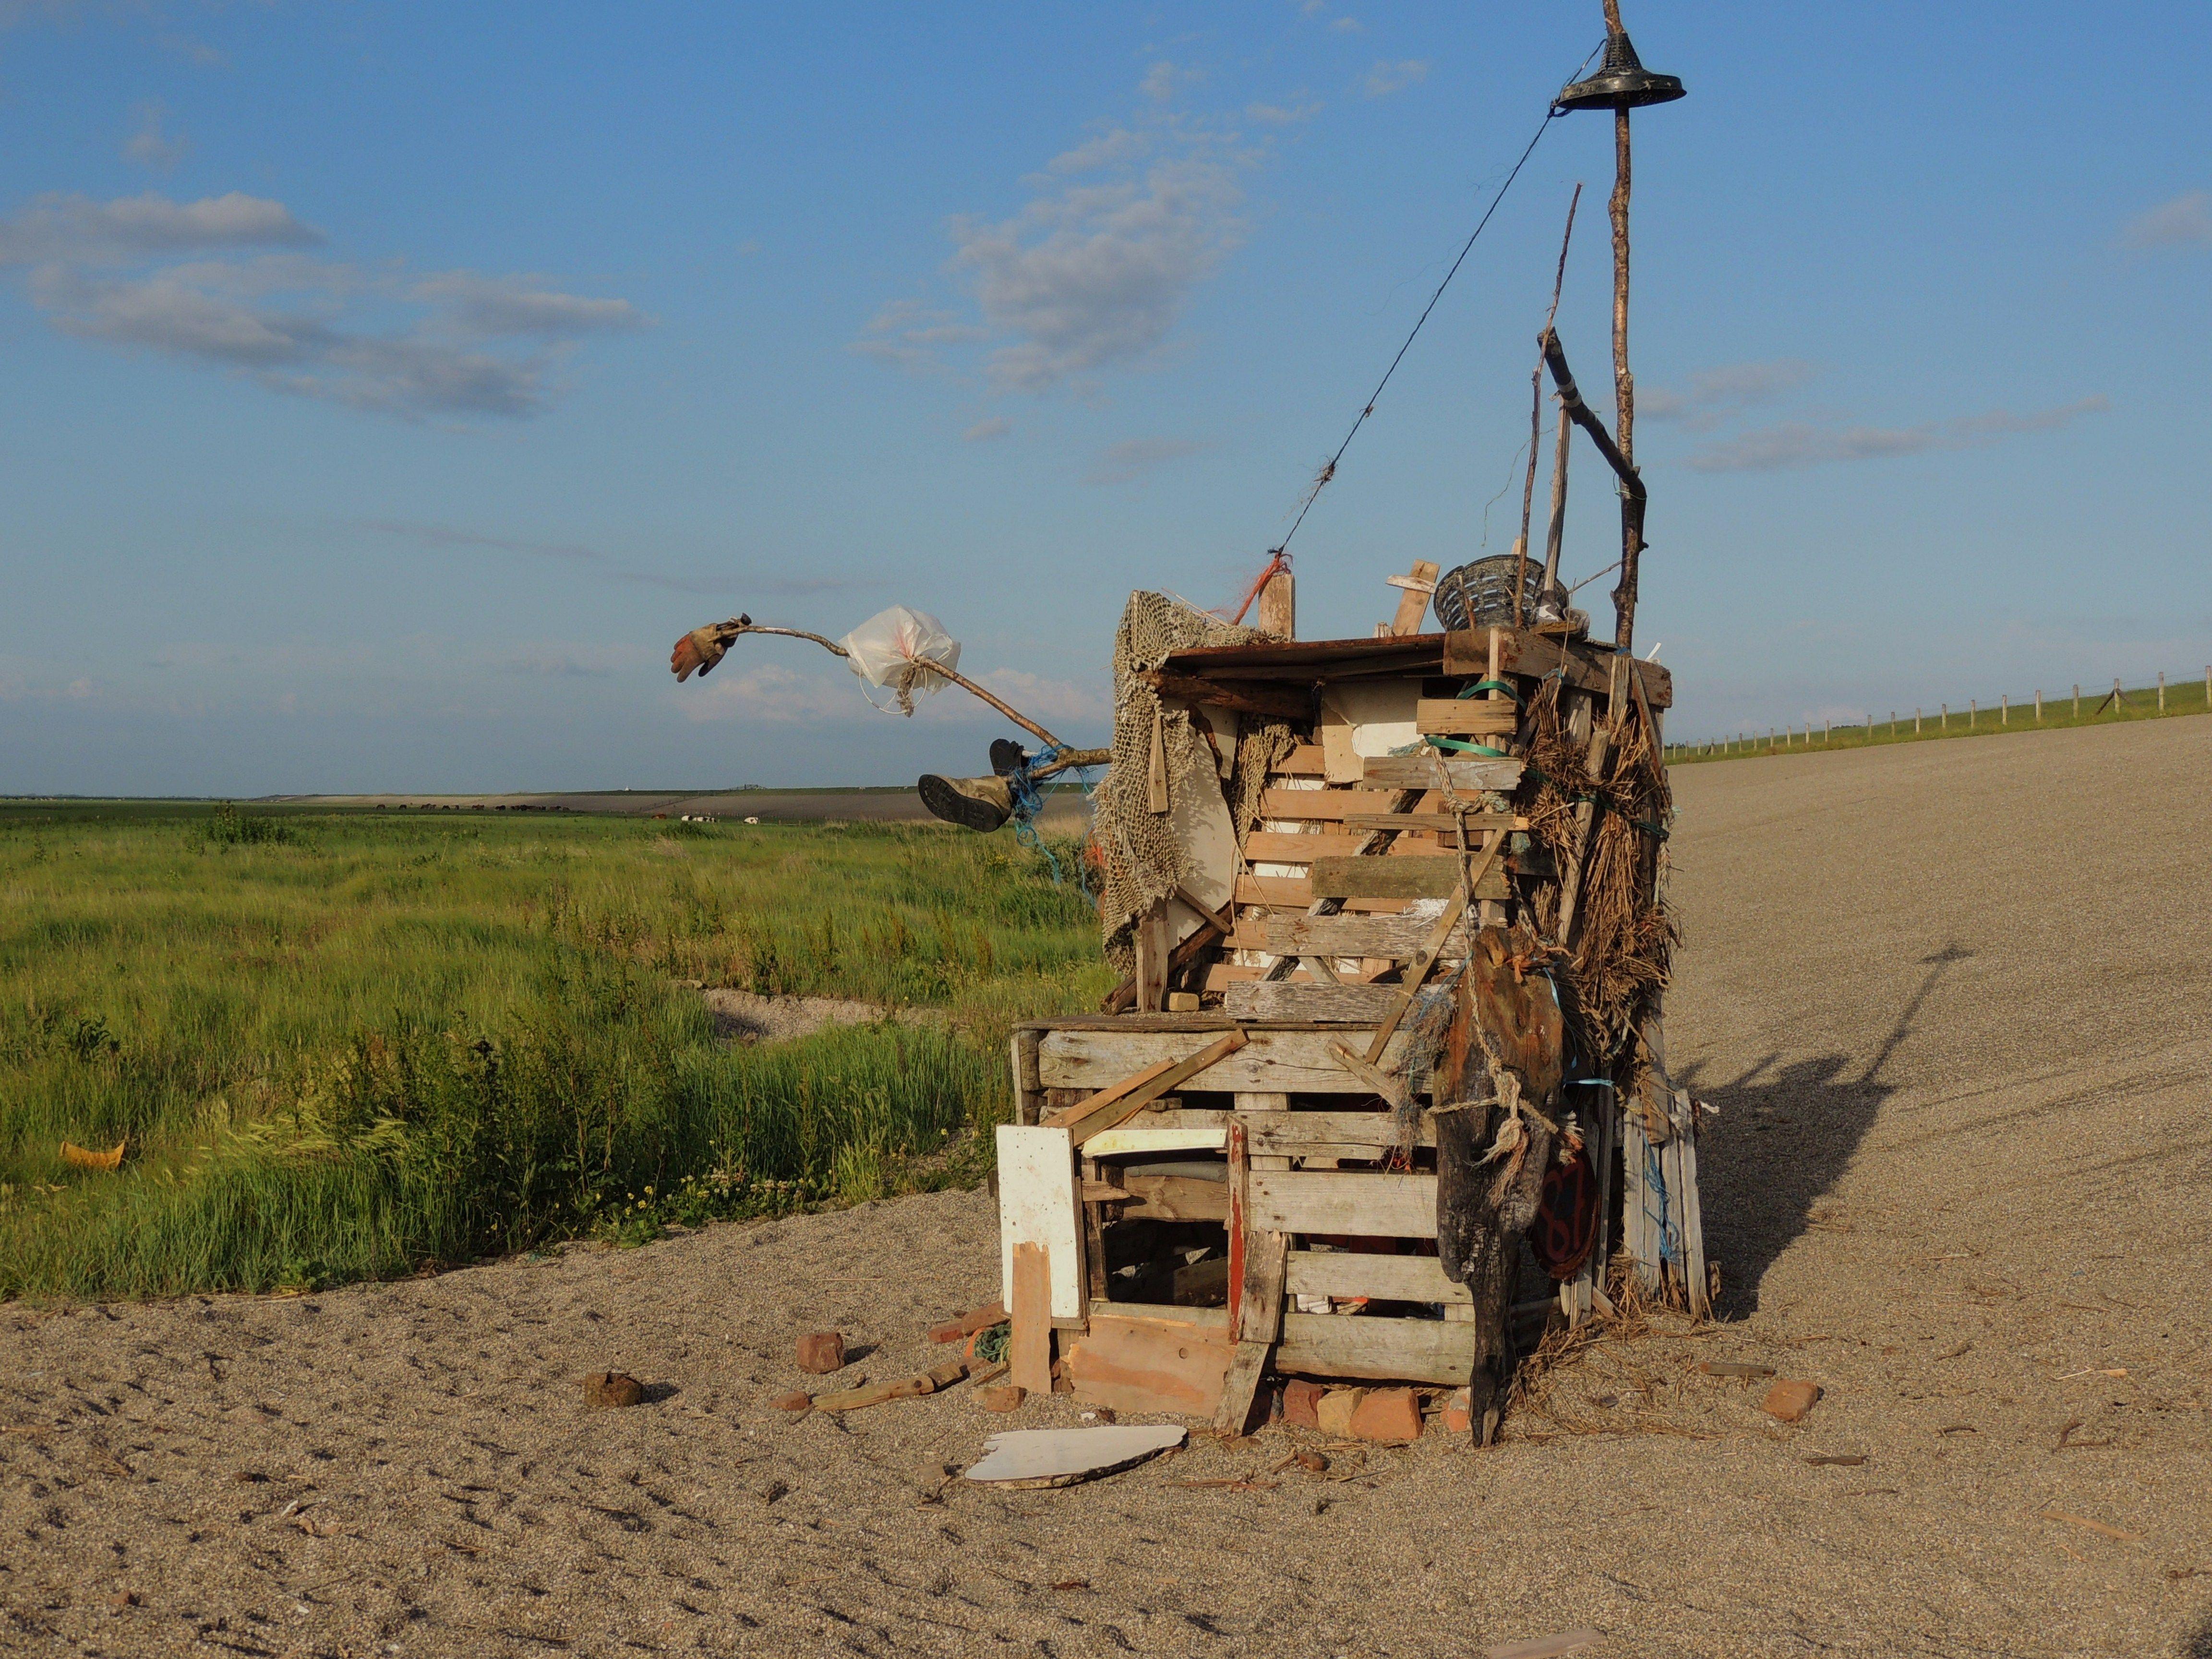 Afval uit zee bij Zwarte Haan. Friesland.